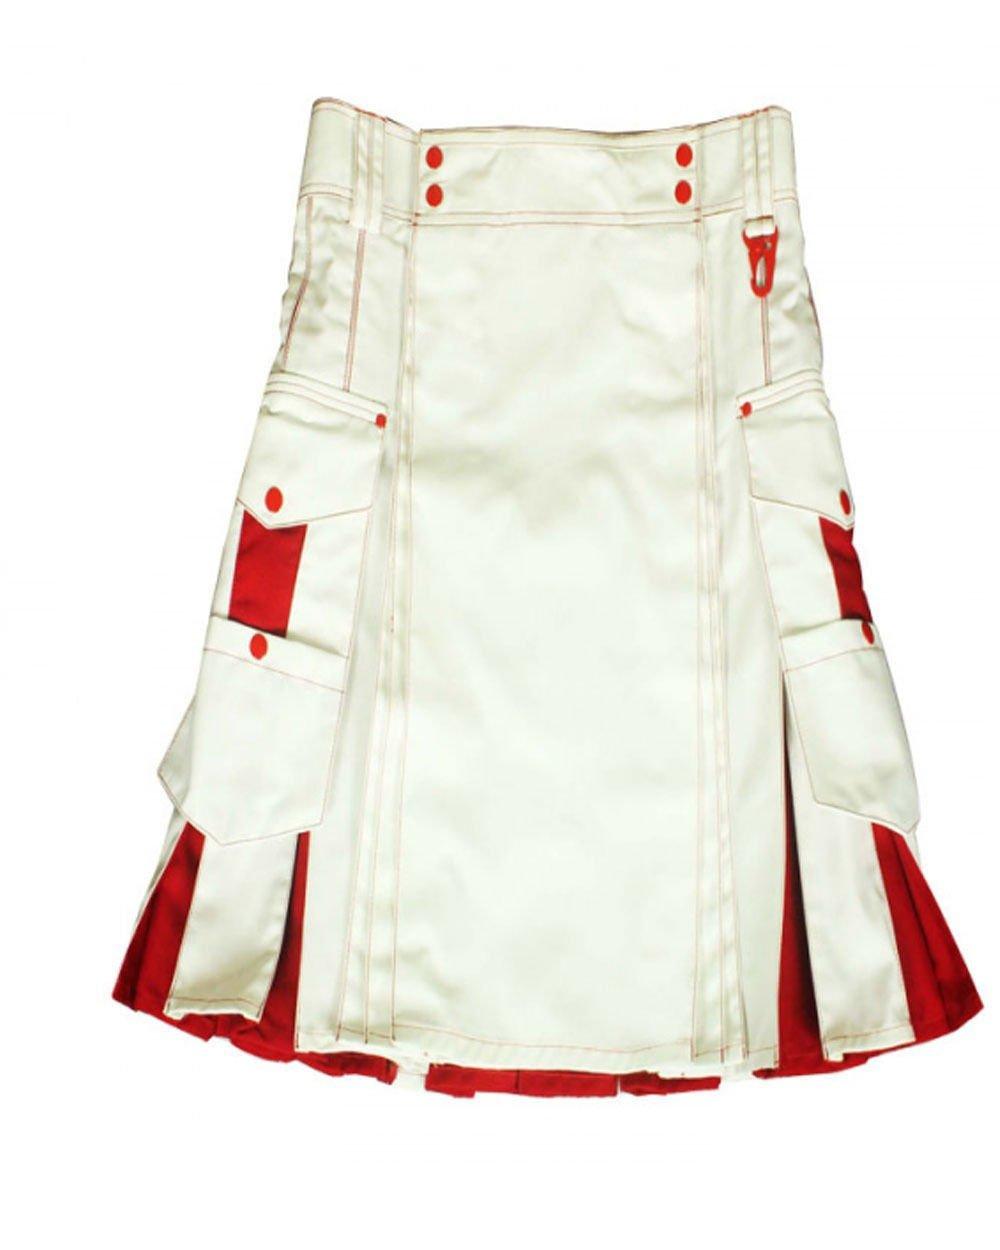 36 Size Handmade White & Red Cotton Kilt for Active Men, Hybrid Cotton Utility Deluxe Kilt